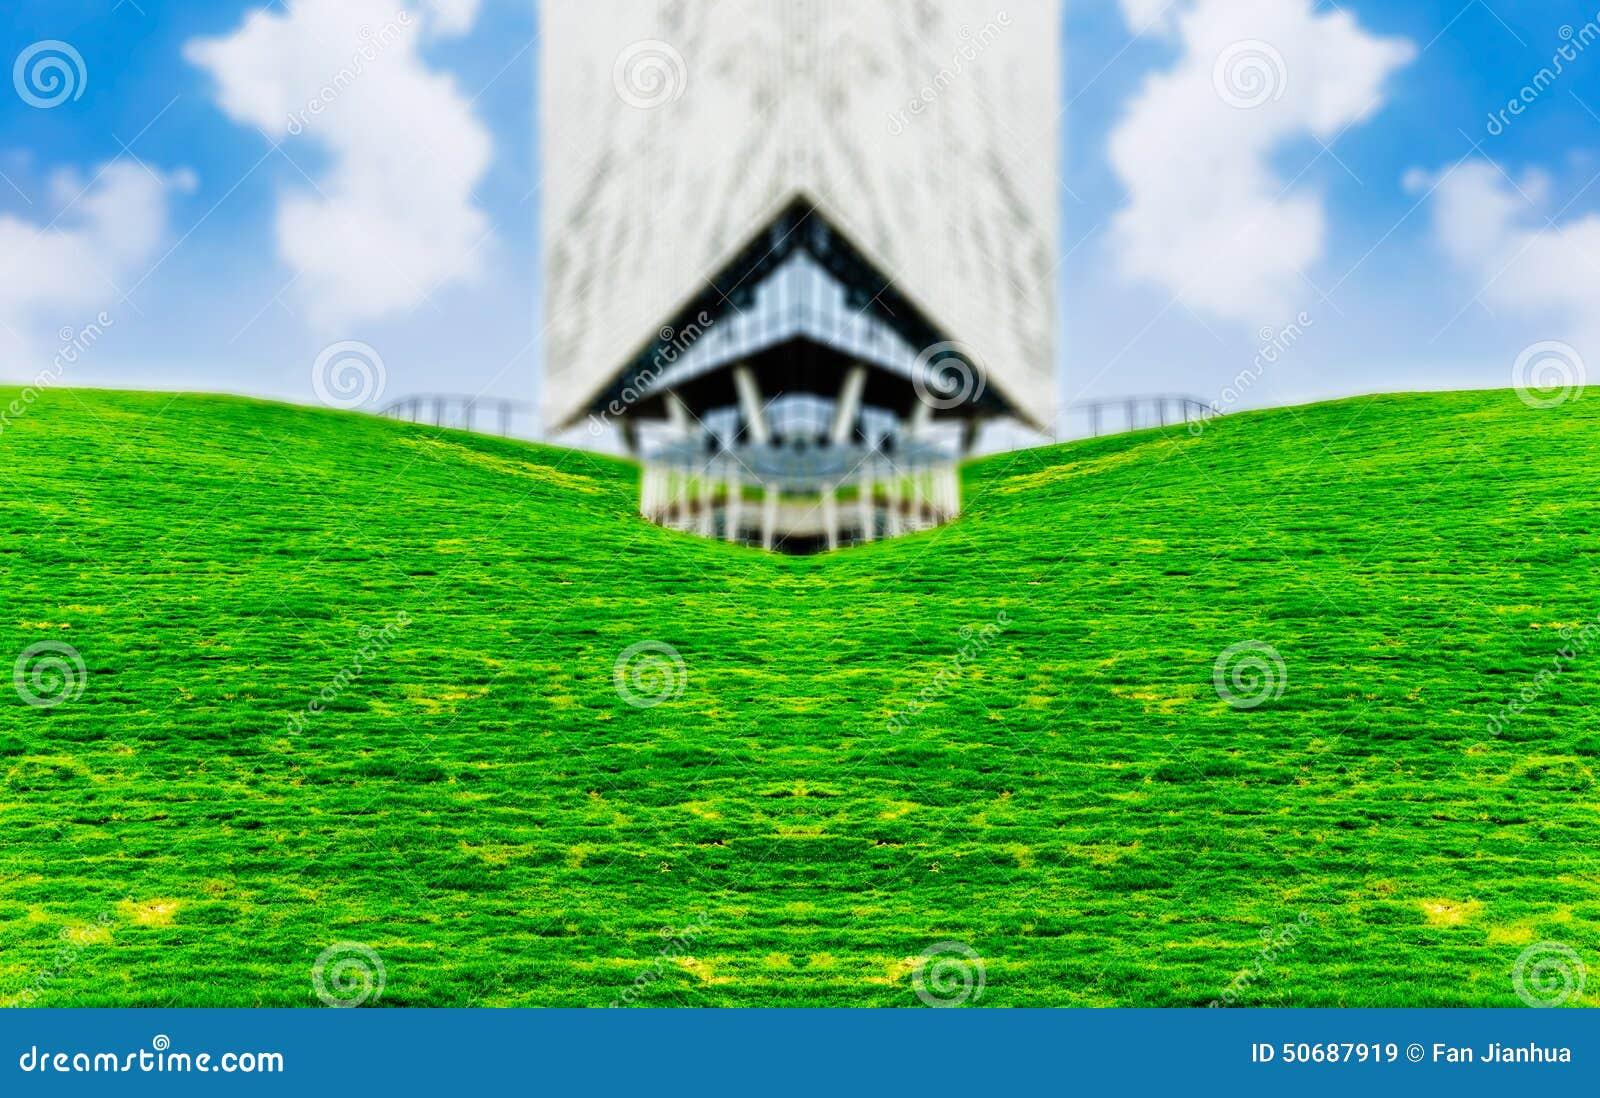 Download 现代建筑学和城市绿色空间 库存图片. 图片 包括有 健康, 增长, 环境, 自由, 抽象, 室外, 协调 - 50687919